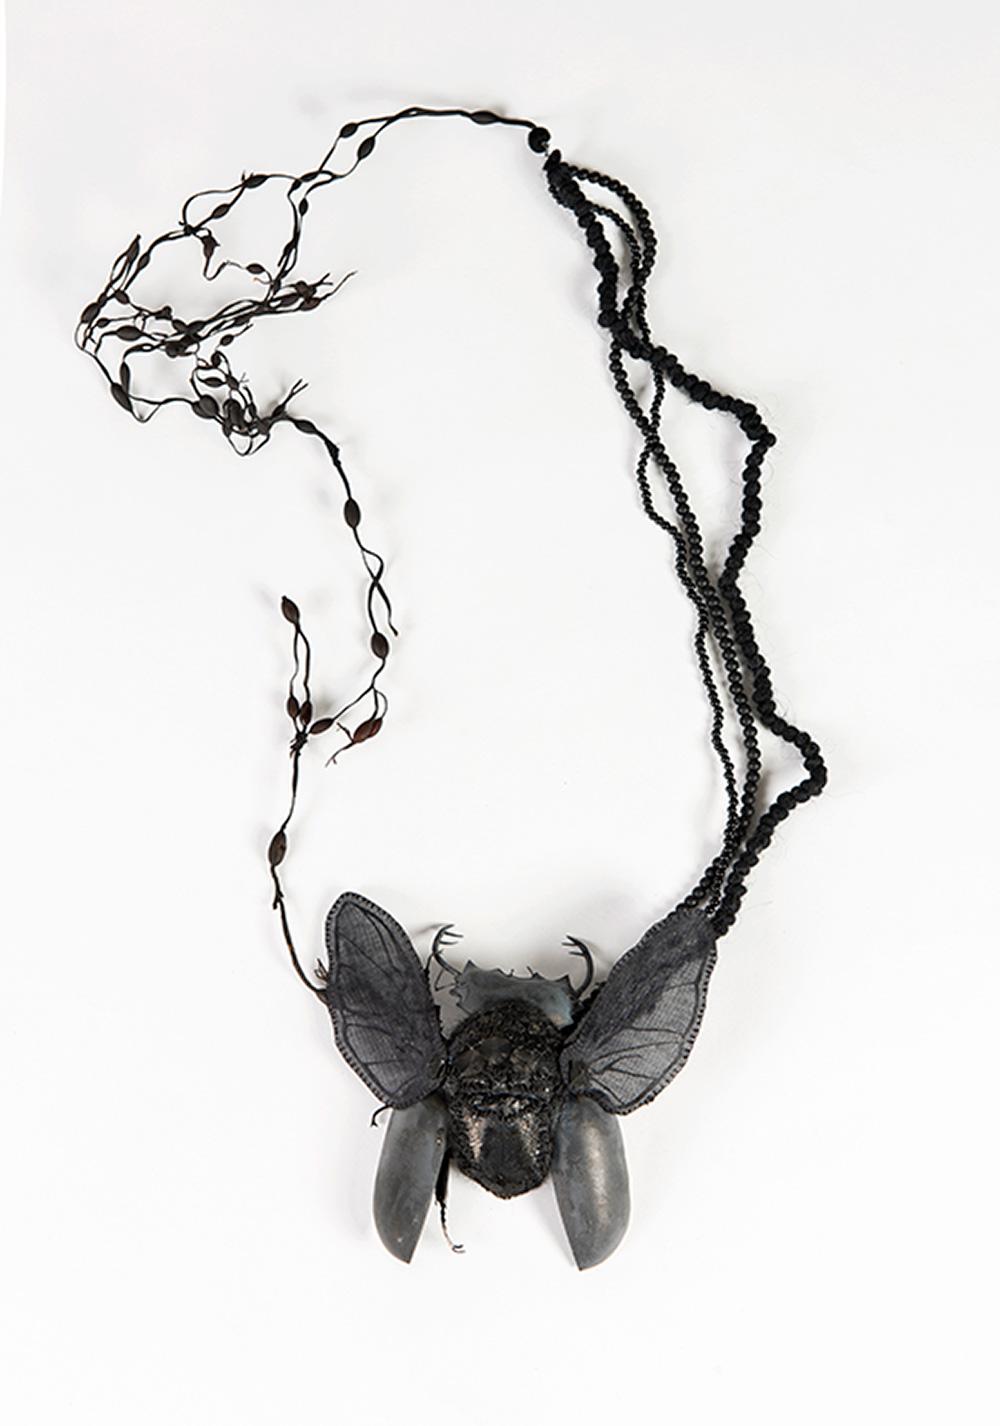 חיפושית הקרנף, נגה הראל